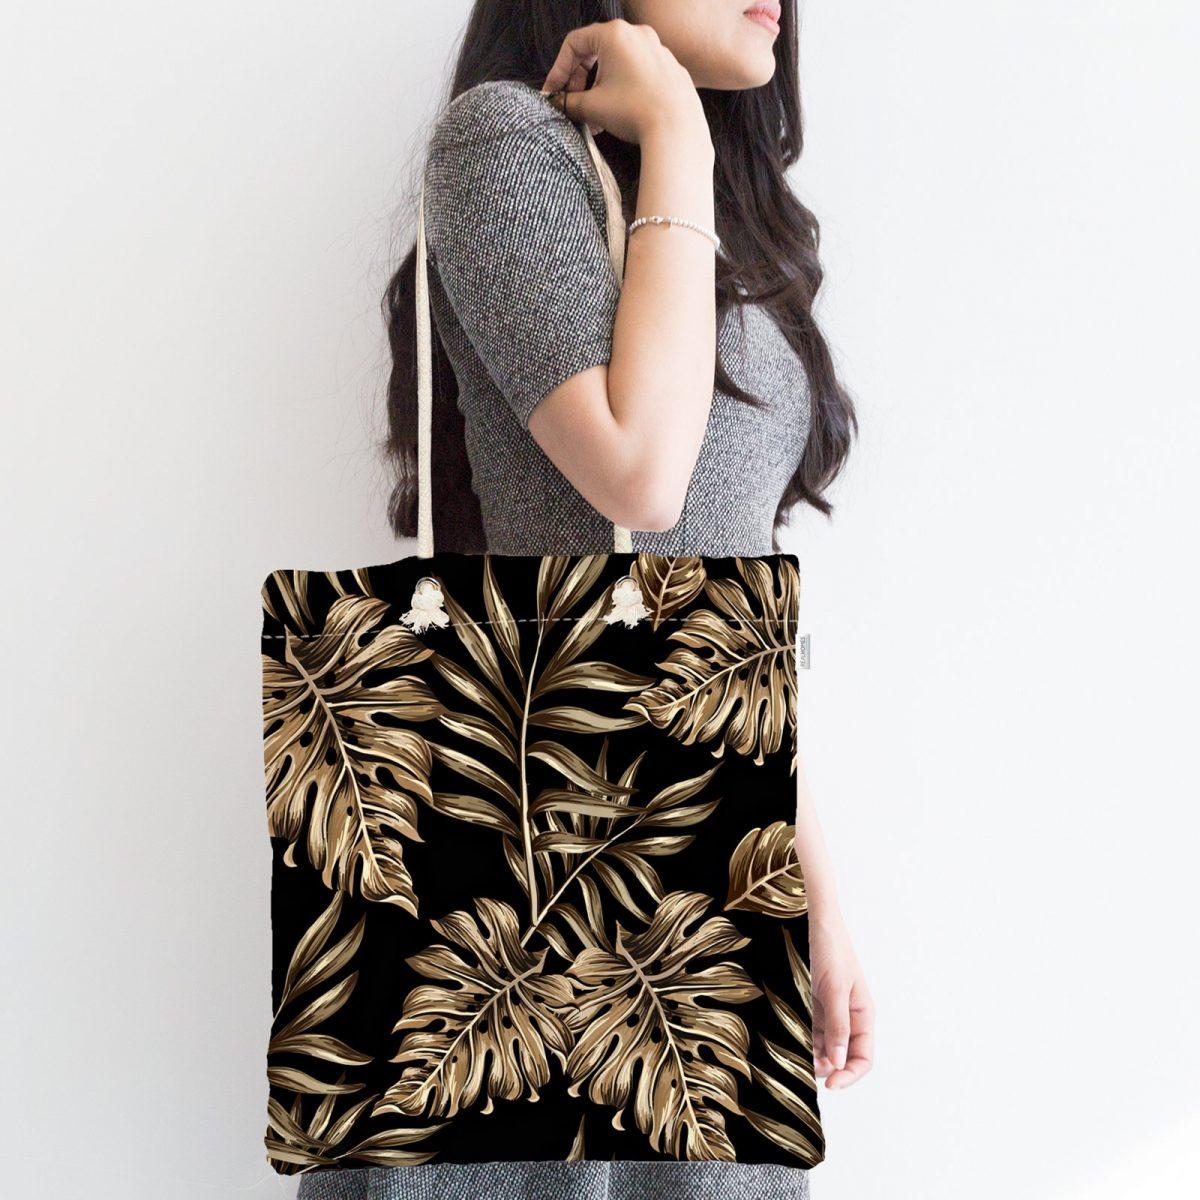 Siyah Zeminde Altın Renkli Yapraklar Desenli Fermuarlı Kumaş Çanta Realhomes